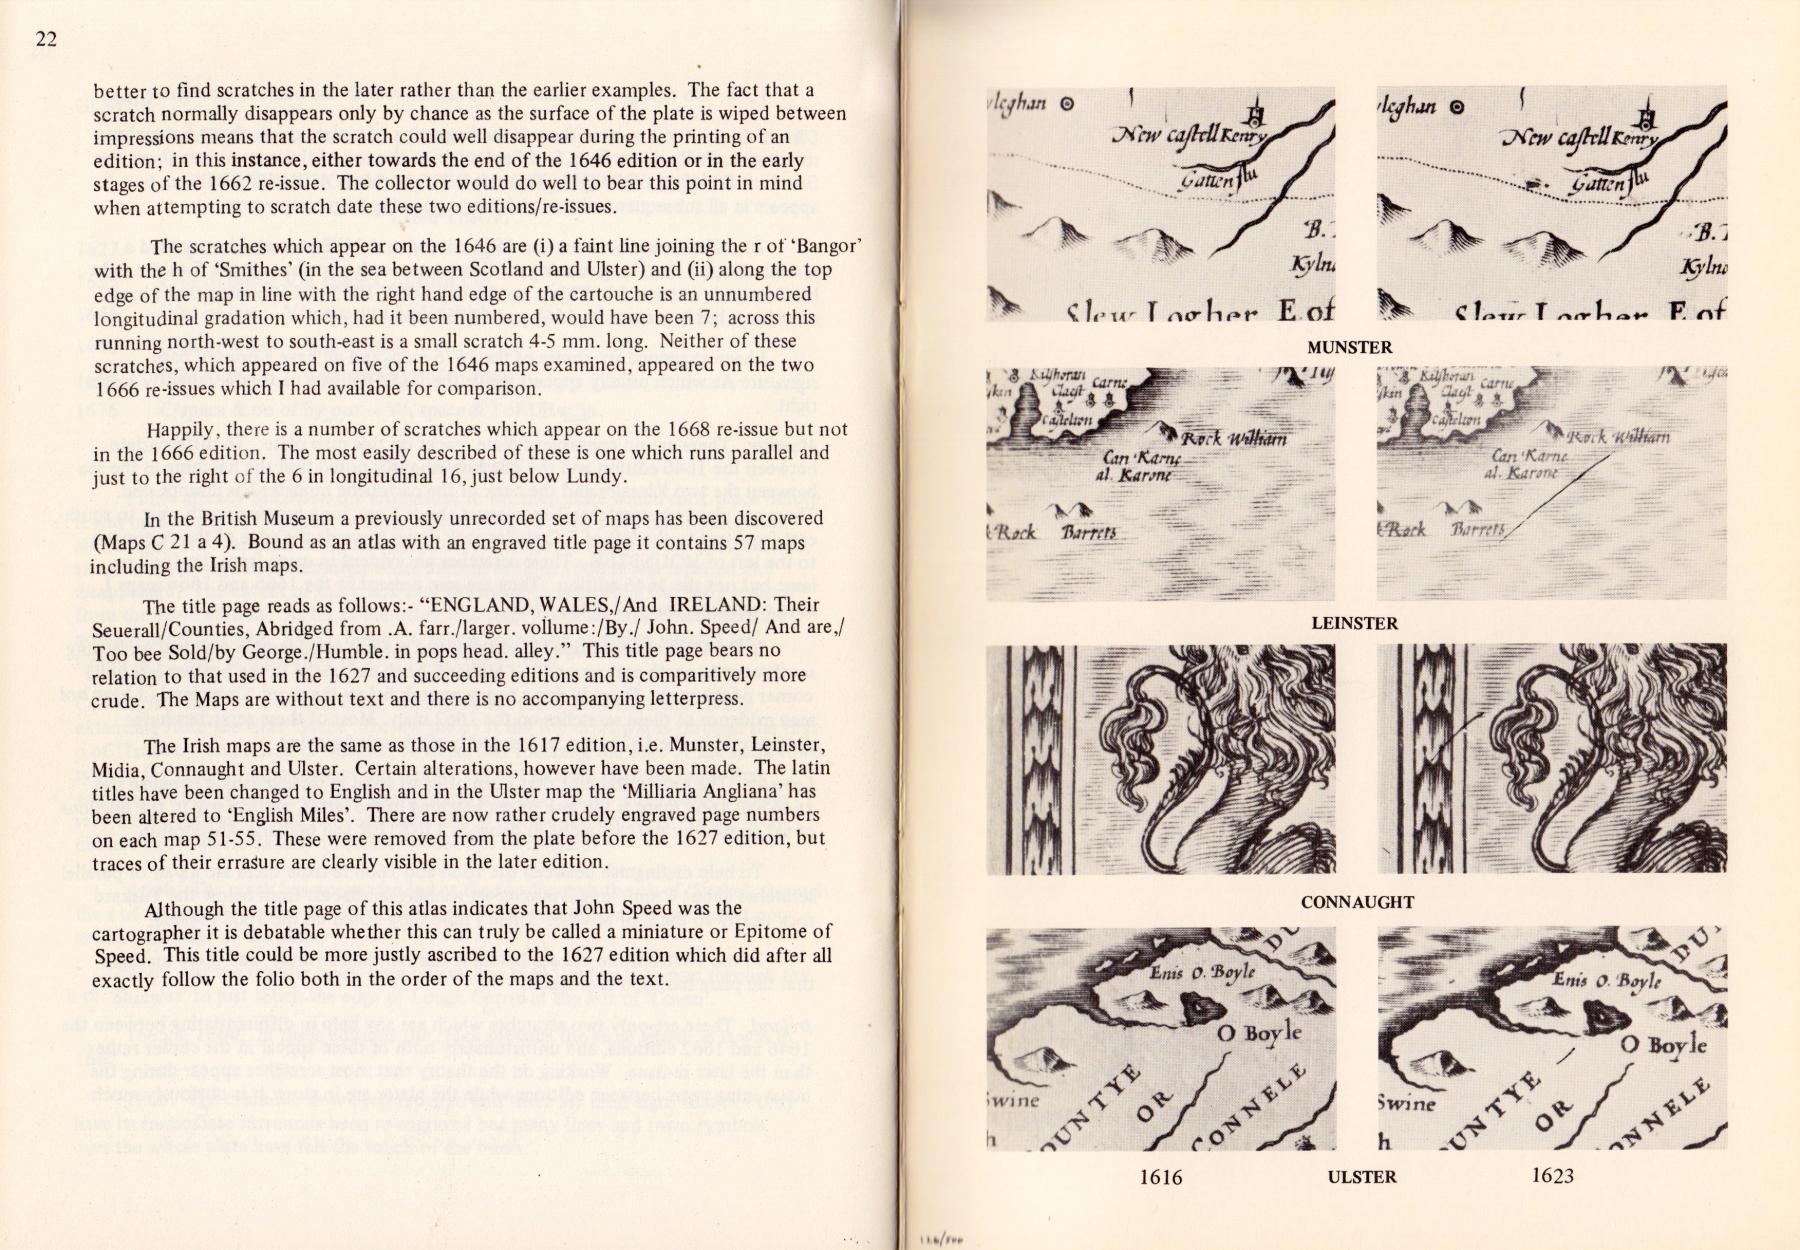 John Speed Maps of Ireland